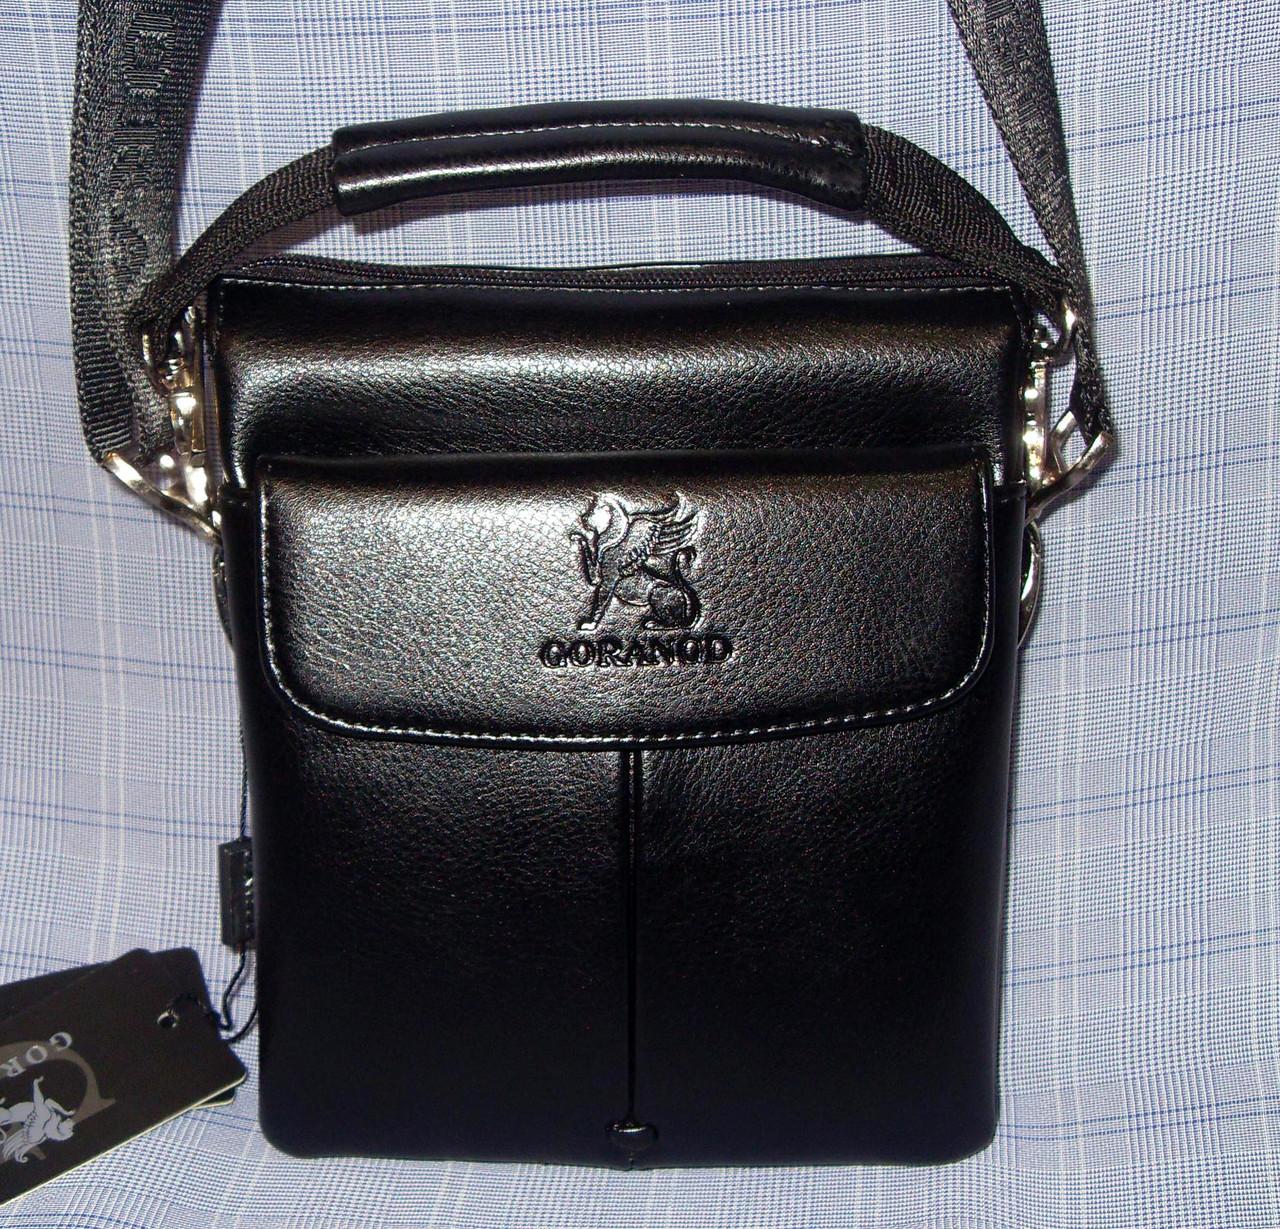 494439d83a91 Мужская сумка Gorangd 8824-41 черная искусственная кожа с визитницей ...